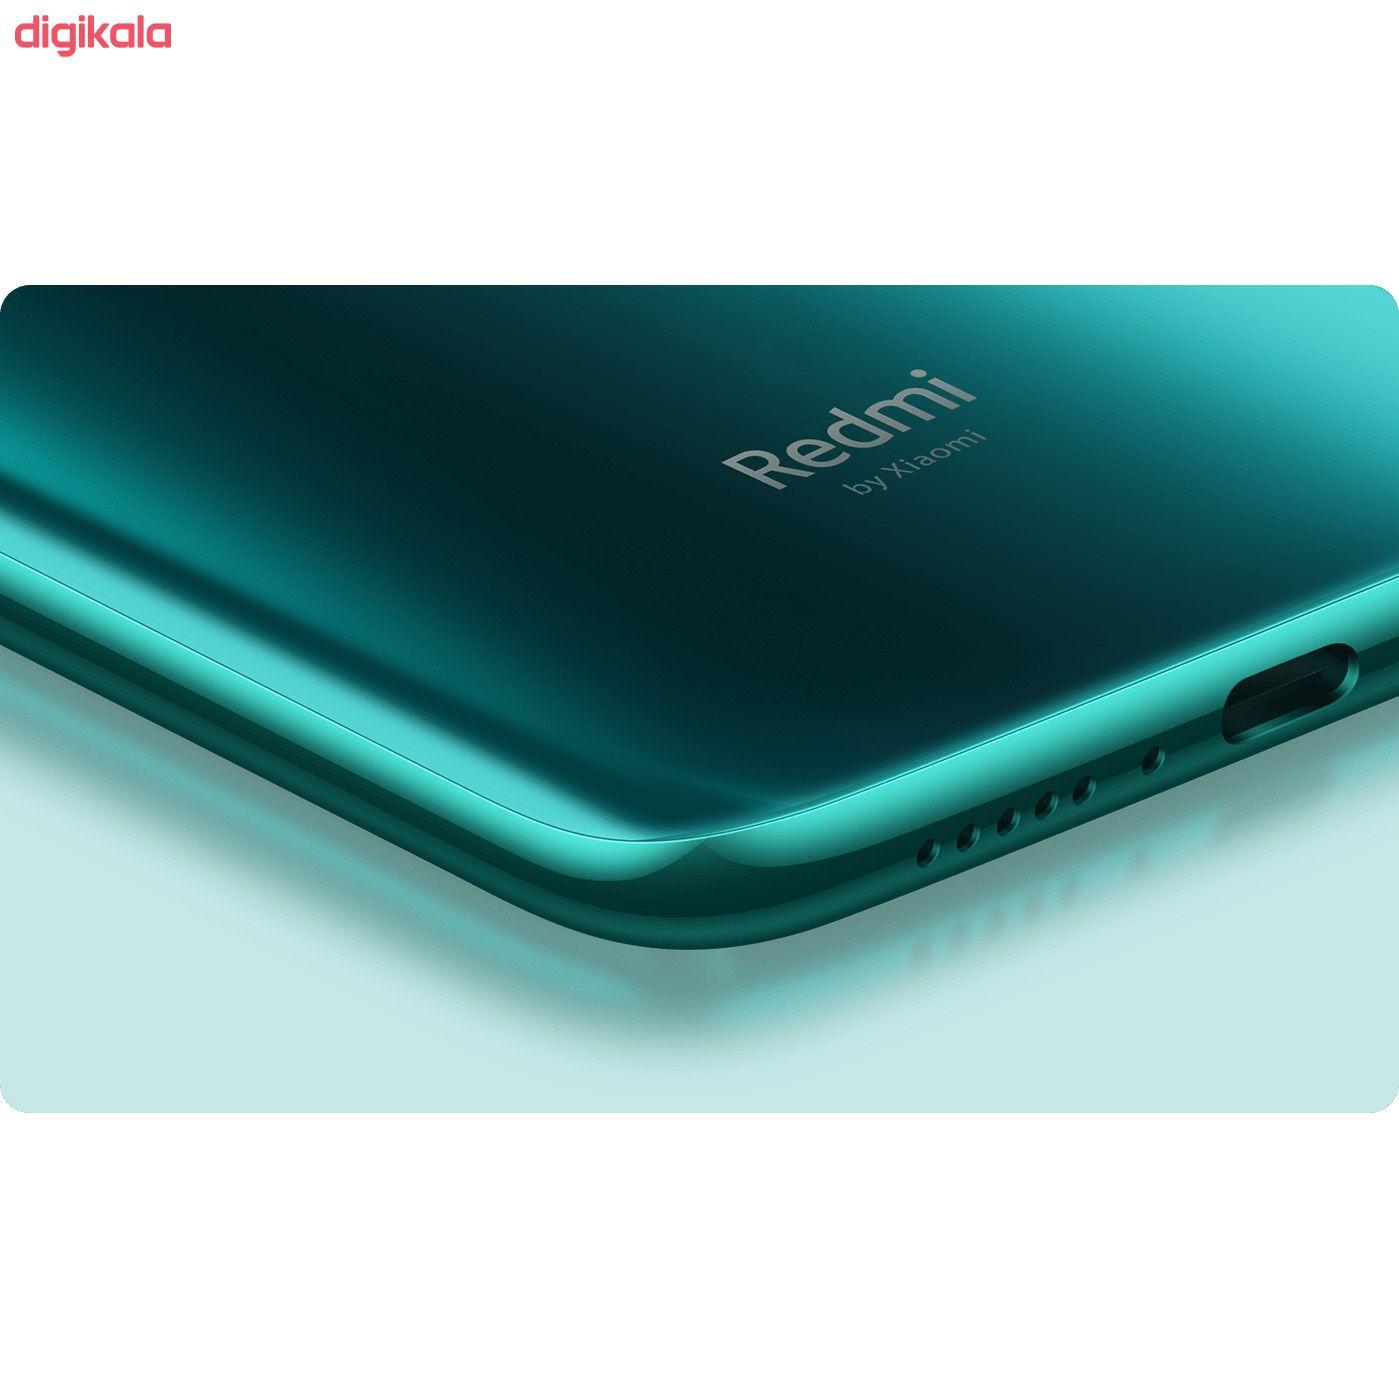 گوشی موبایل شیائومی مدل Redmi Note 8 Pro m1906g7G دو سیم کارت ظرفیت 128 گیگابایت main 1 33